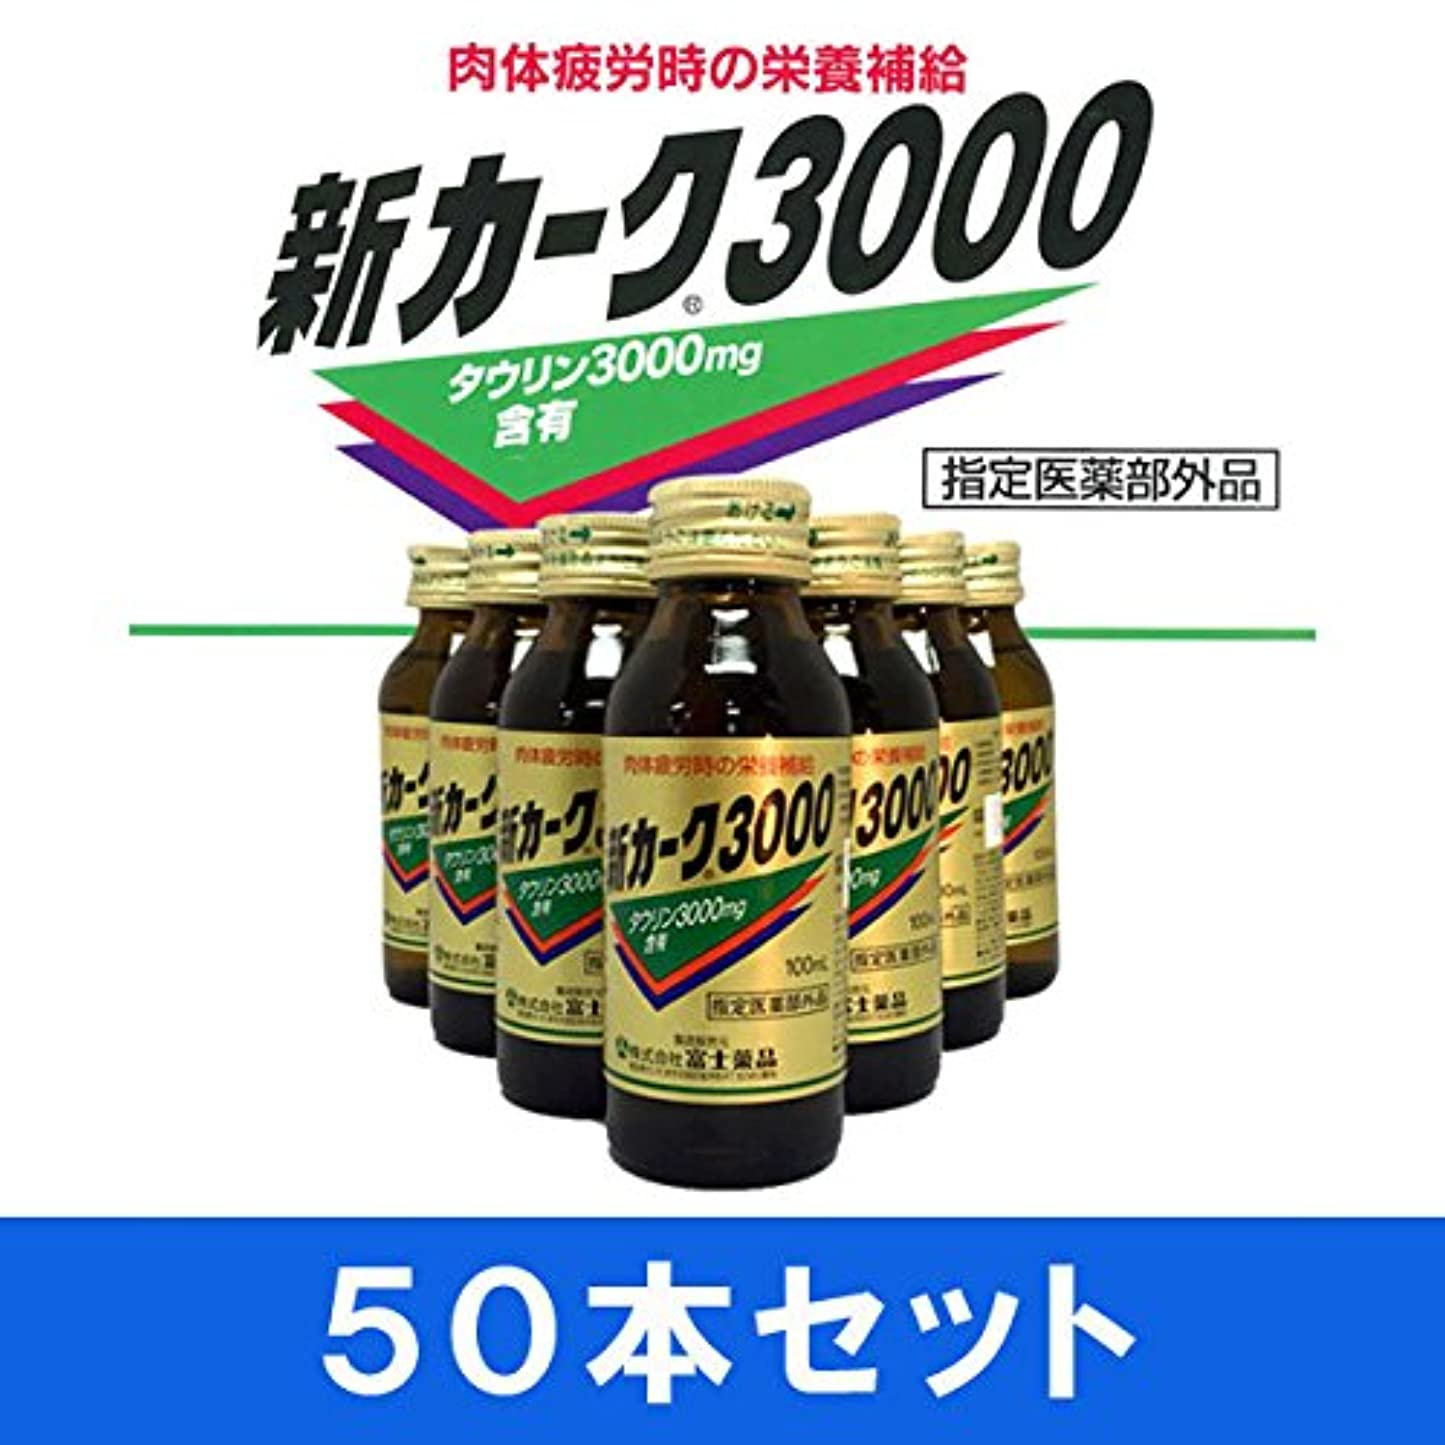 エントリメリー富士薬品 医薬部外品新カーク3000 100mL 50本入り栄養ドリンク